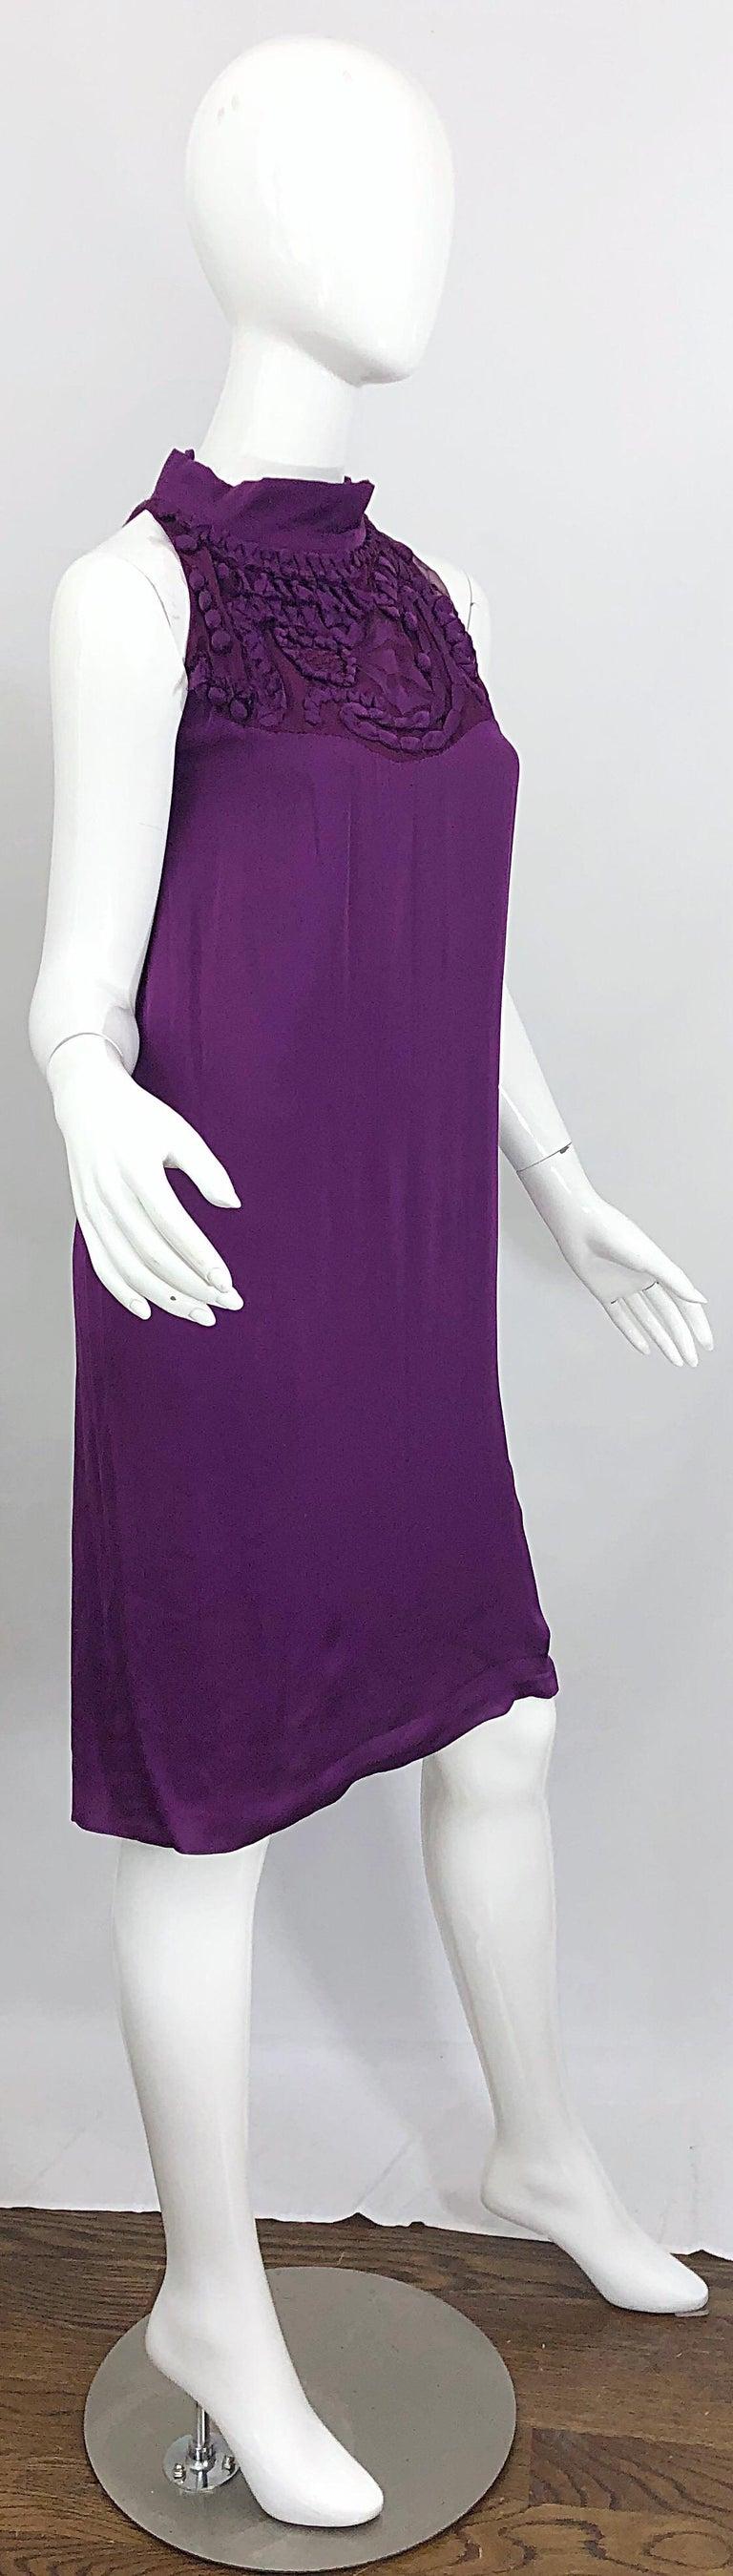 Yves Saint Laurent A / W 2007 Purple Silk Size 40 / US 8 YSL Rive Gauche Dress For Sale 7